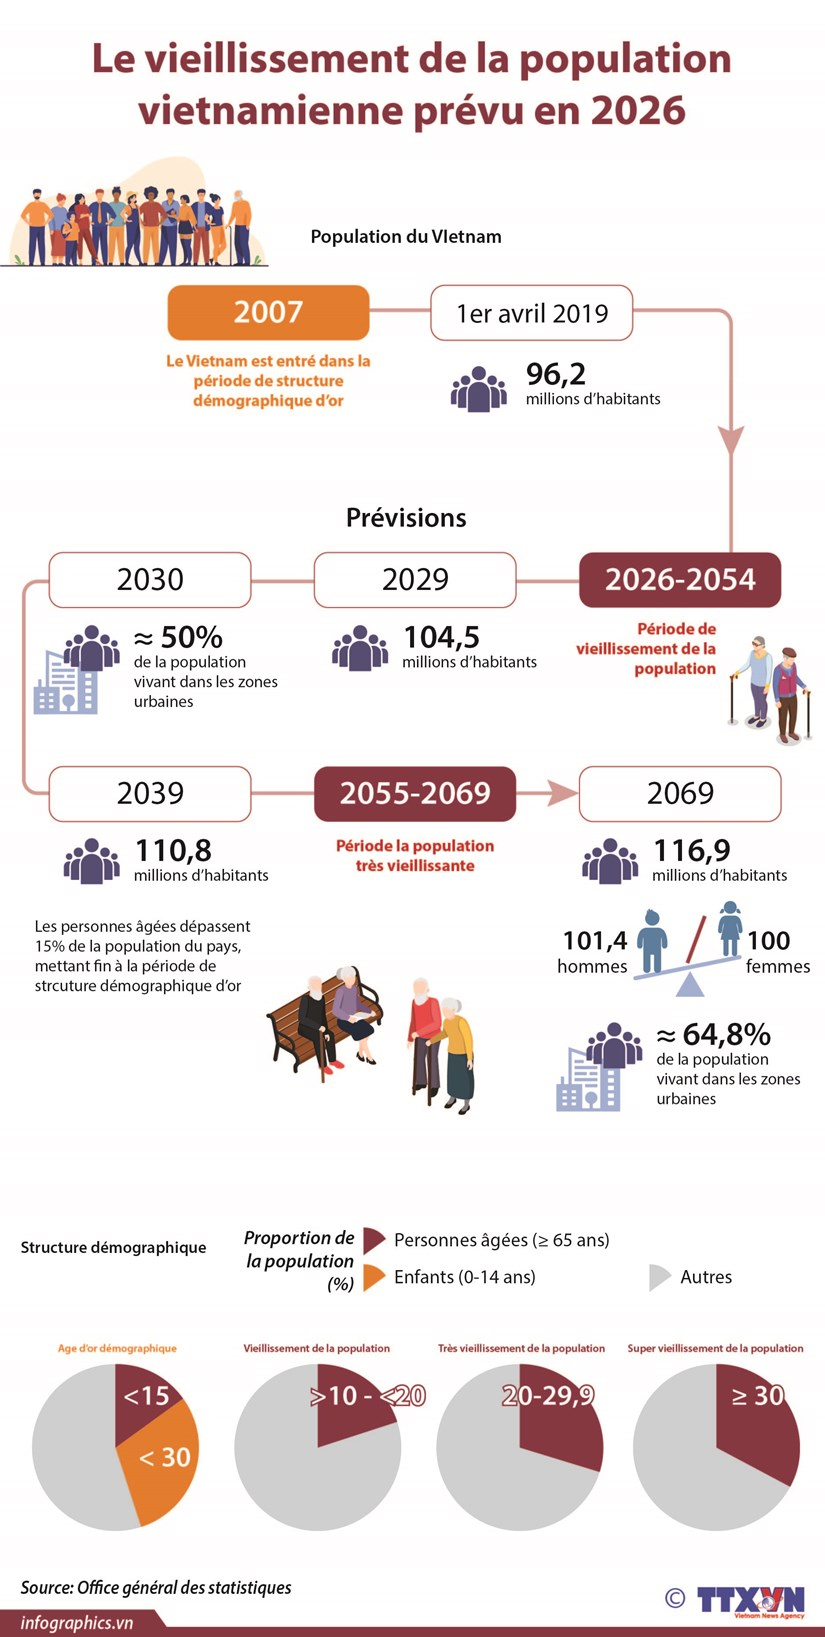 Le vieillissement de la population vietnamienne prevu en 2026 hinh anh 1